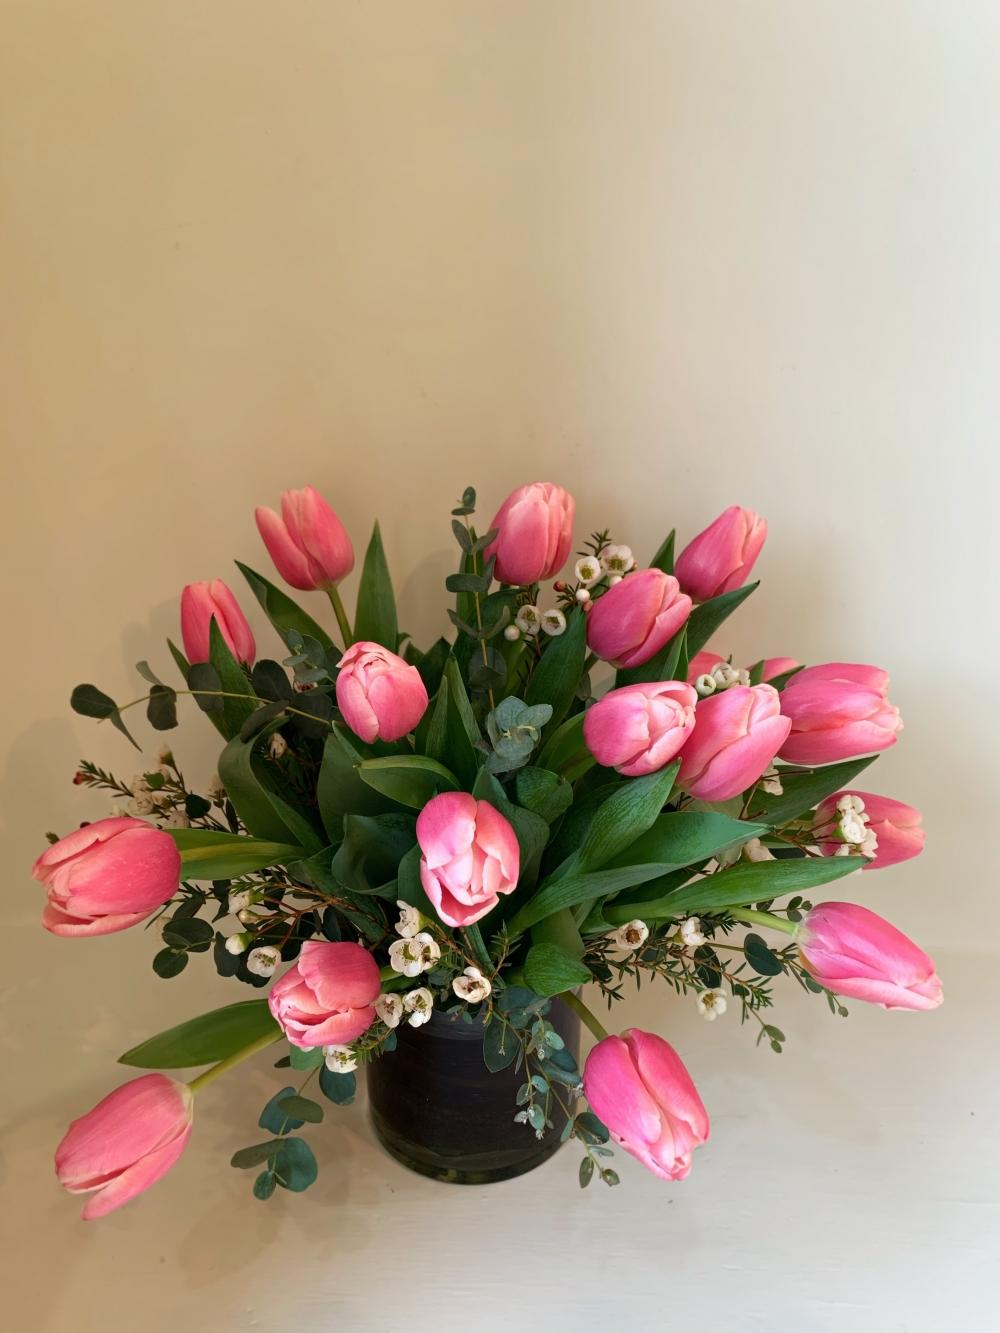 Saint-Valentin: Bouquet de tulipes # 9